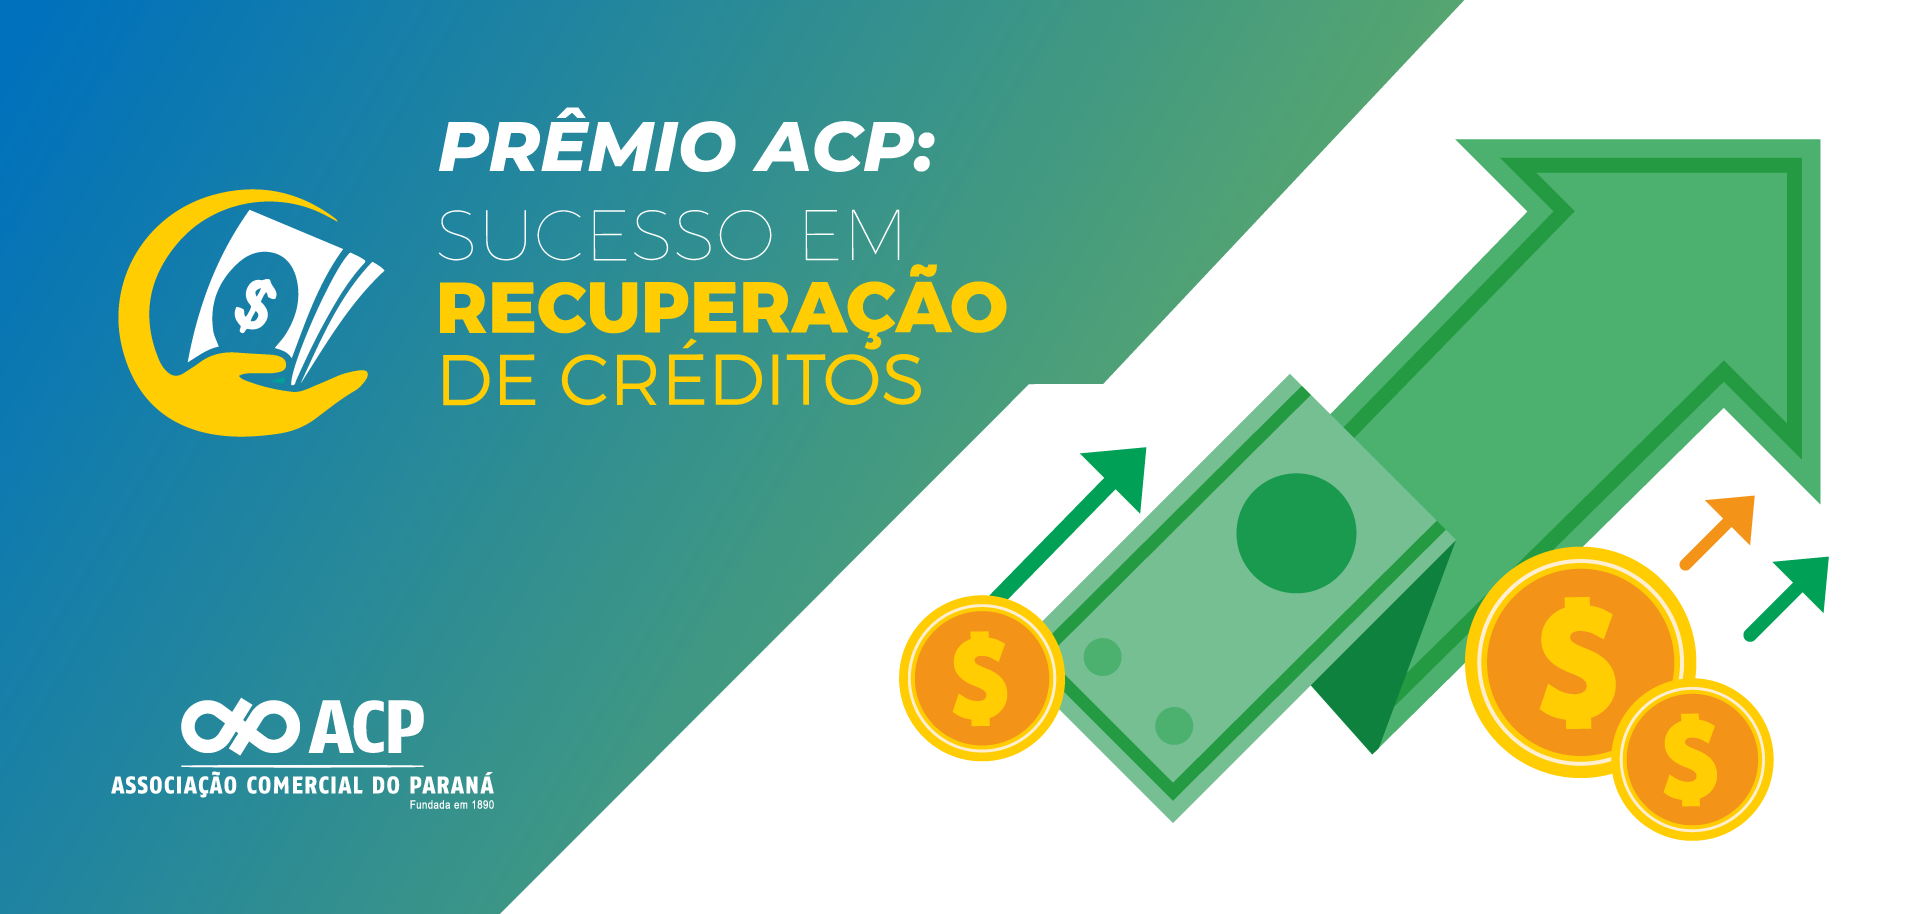 Prêmio ACP: Sucesso em recuperação de crédito – Parte 2